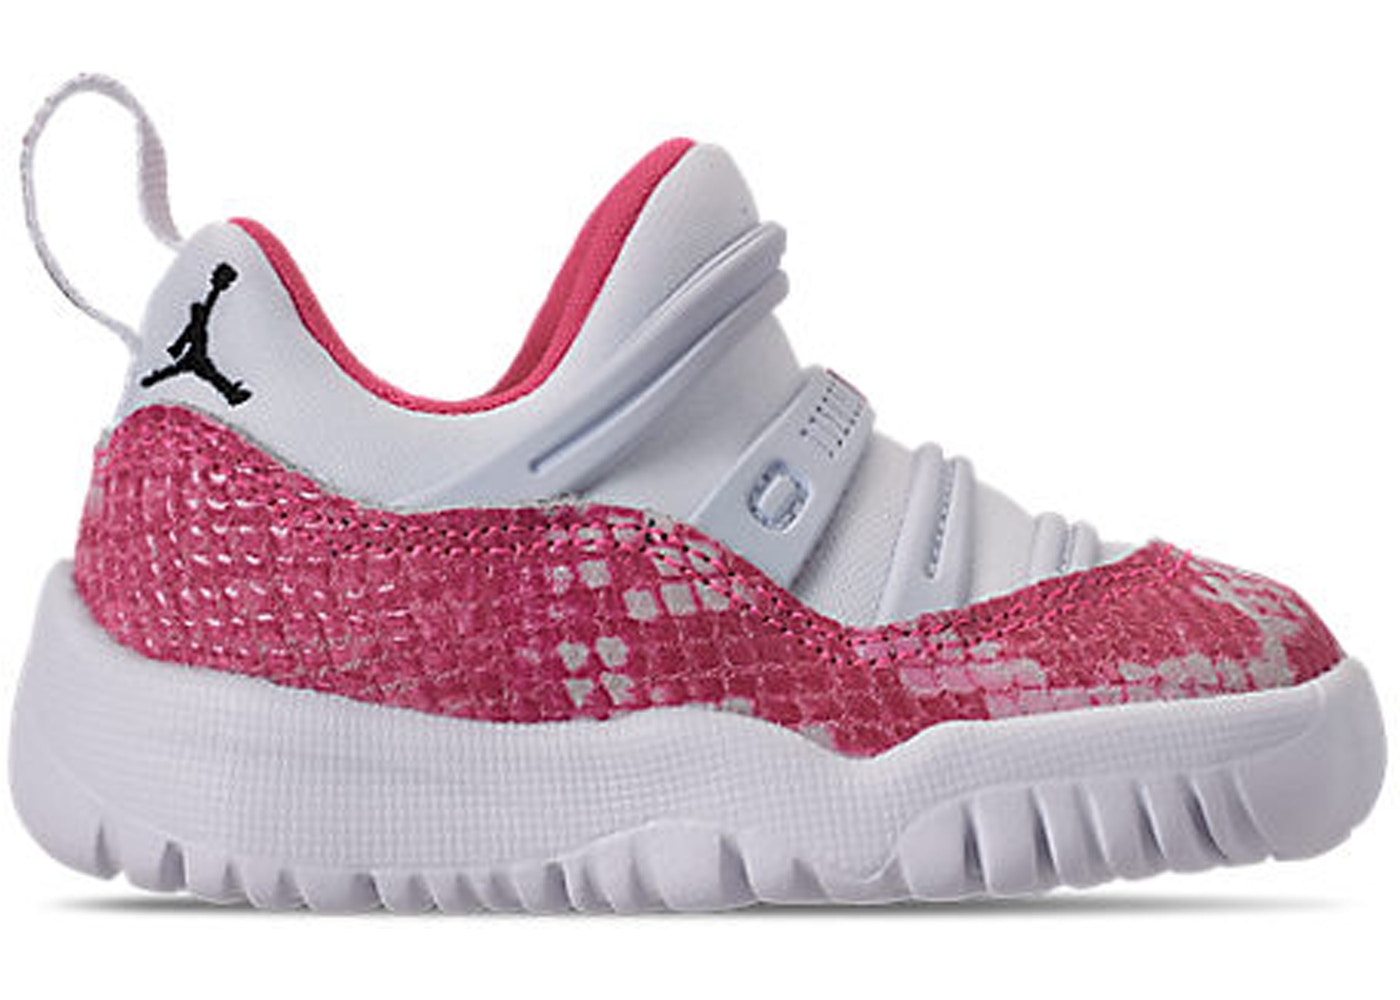 best service a9ba3 3997e Buy Air Jordan 11 Size 6 Shoes   Deadstock Sneakers